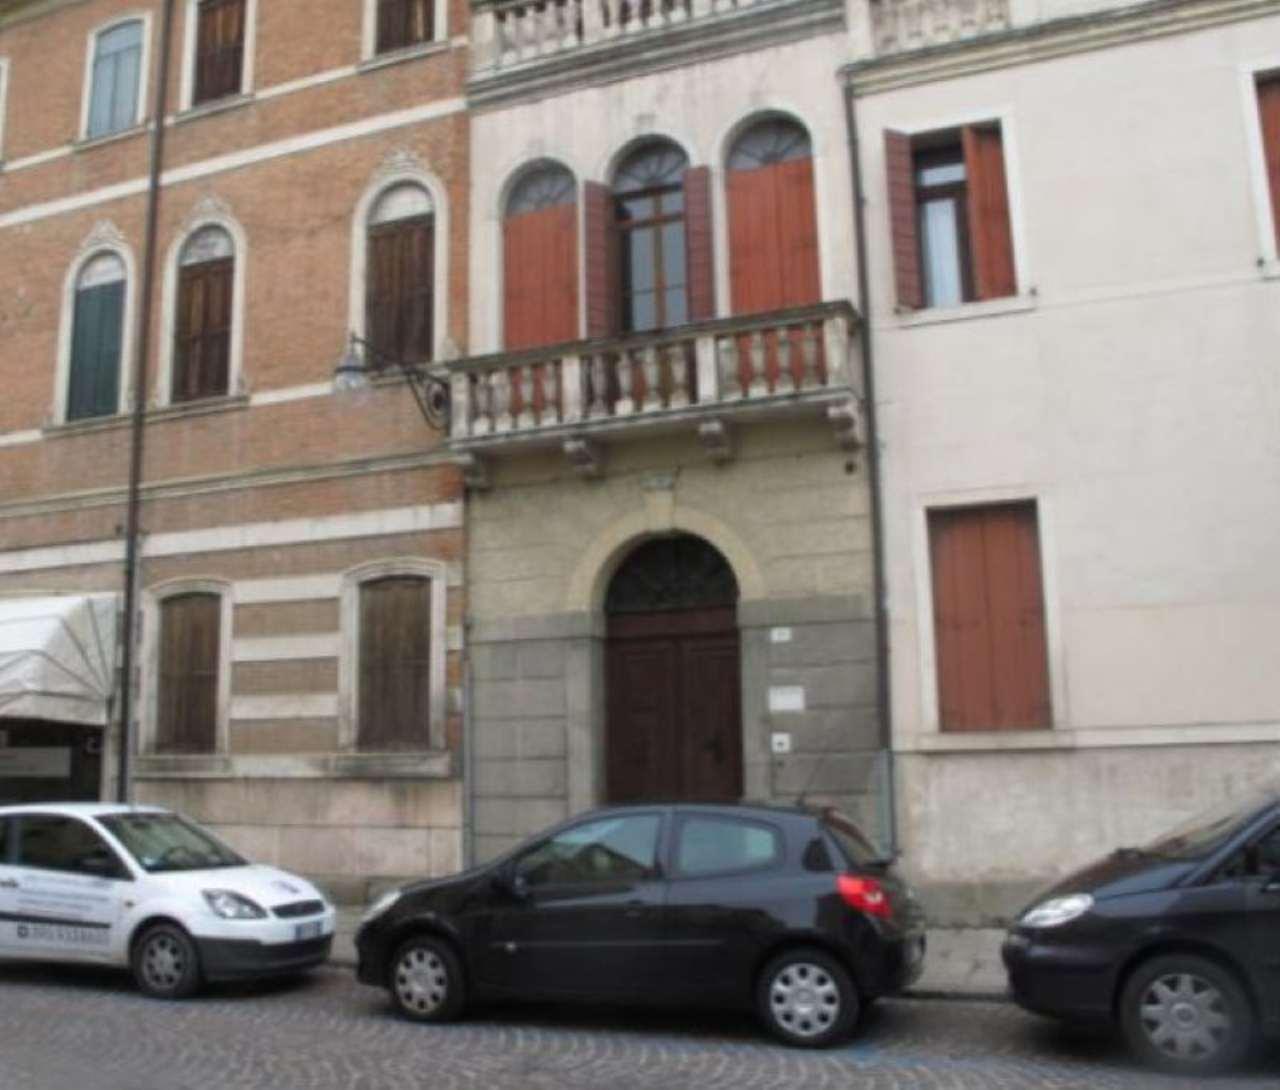 Ufficio / Studio in vendita a Este, 6 locali, prezzo € 220.000 | Cambio Casa.it